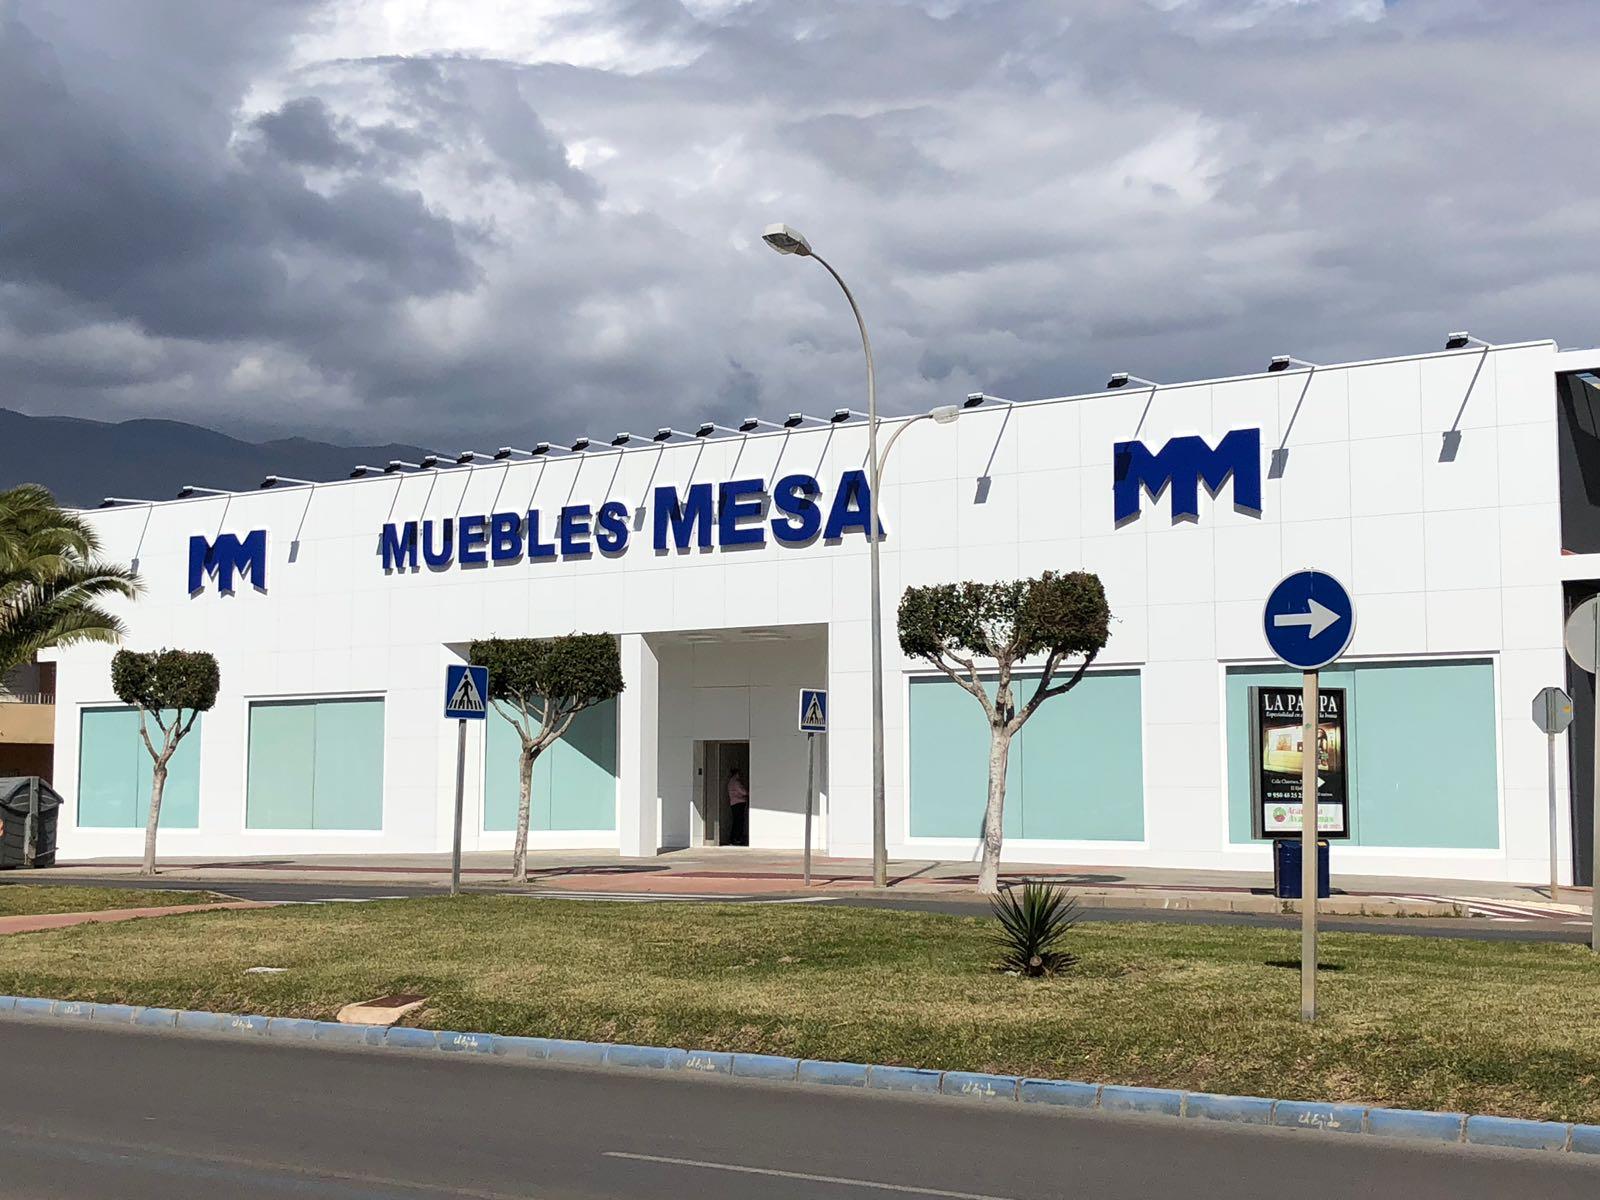 Muebles De Salon Almeria.Muebles Mesa Tienda De Muebles En El Ejido Almeria